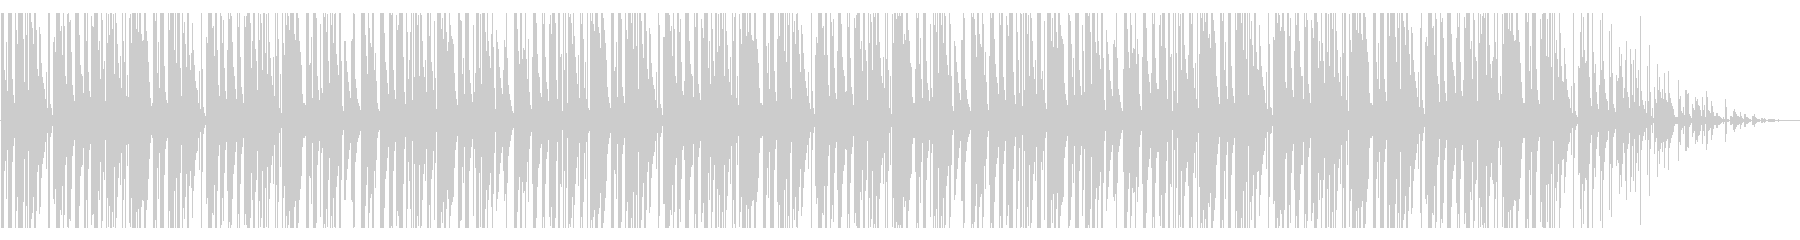 ふわふわ/ラフ/レゲエ風_No449の未再生の波形